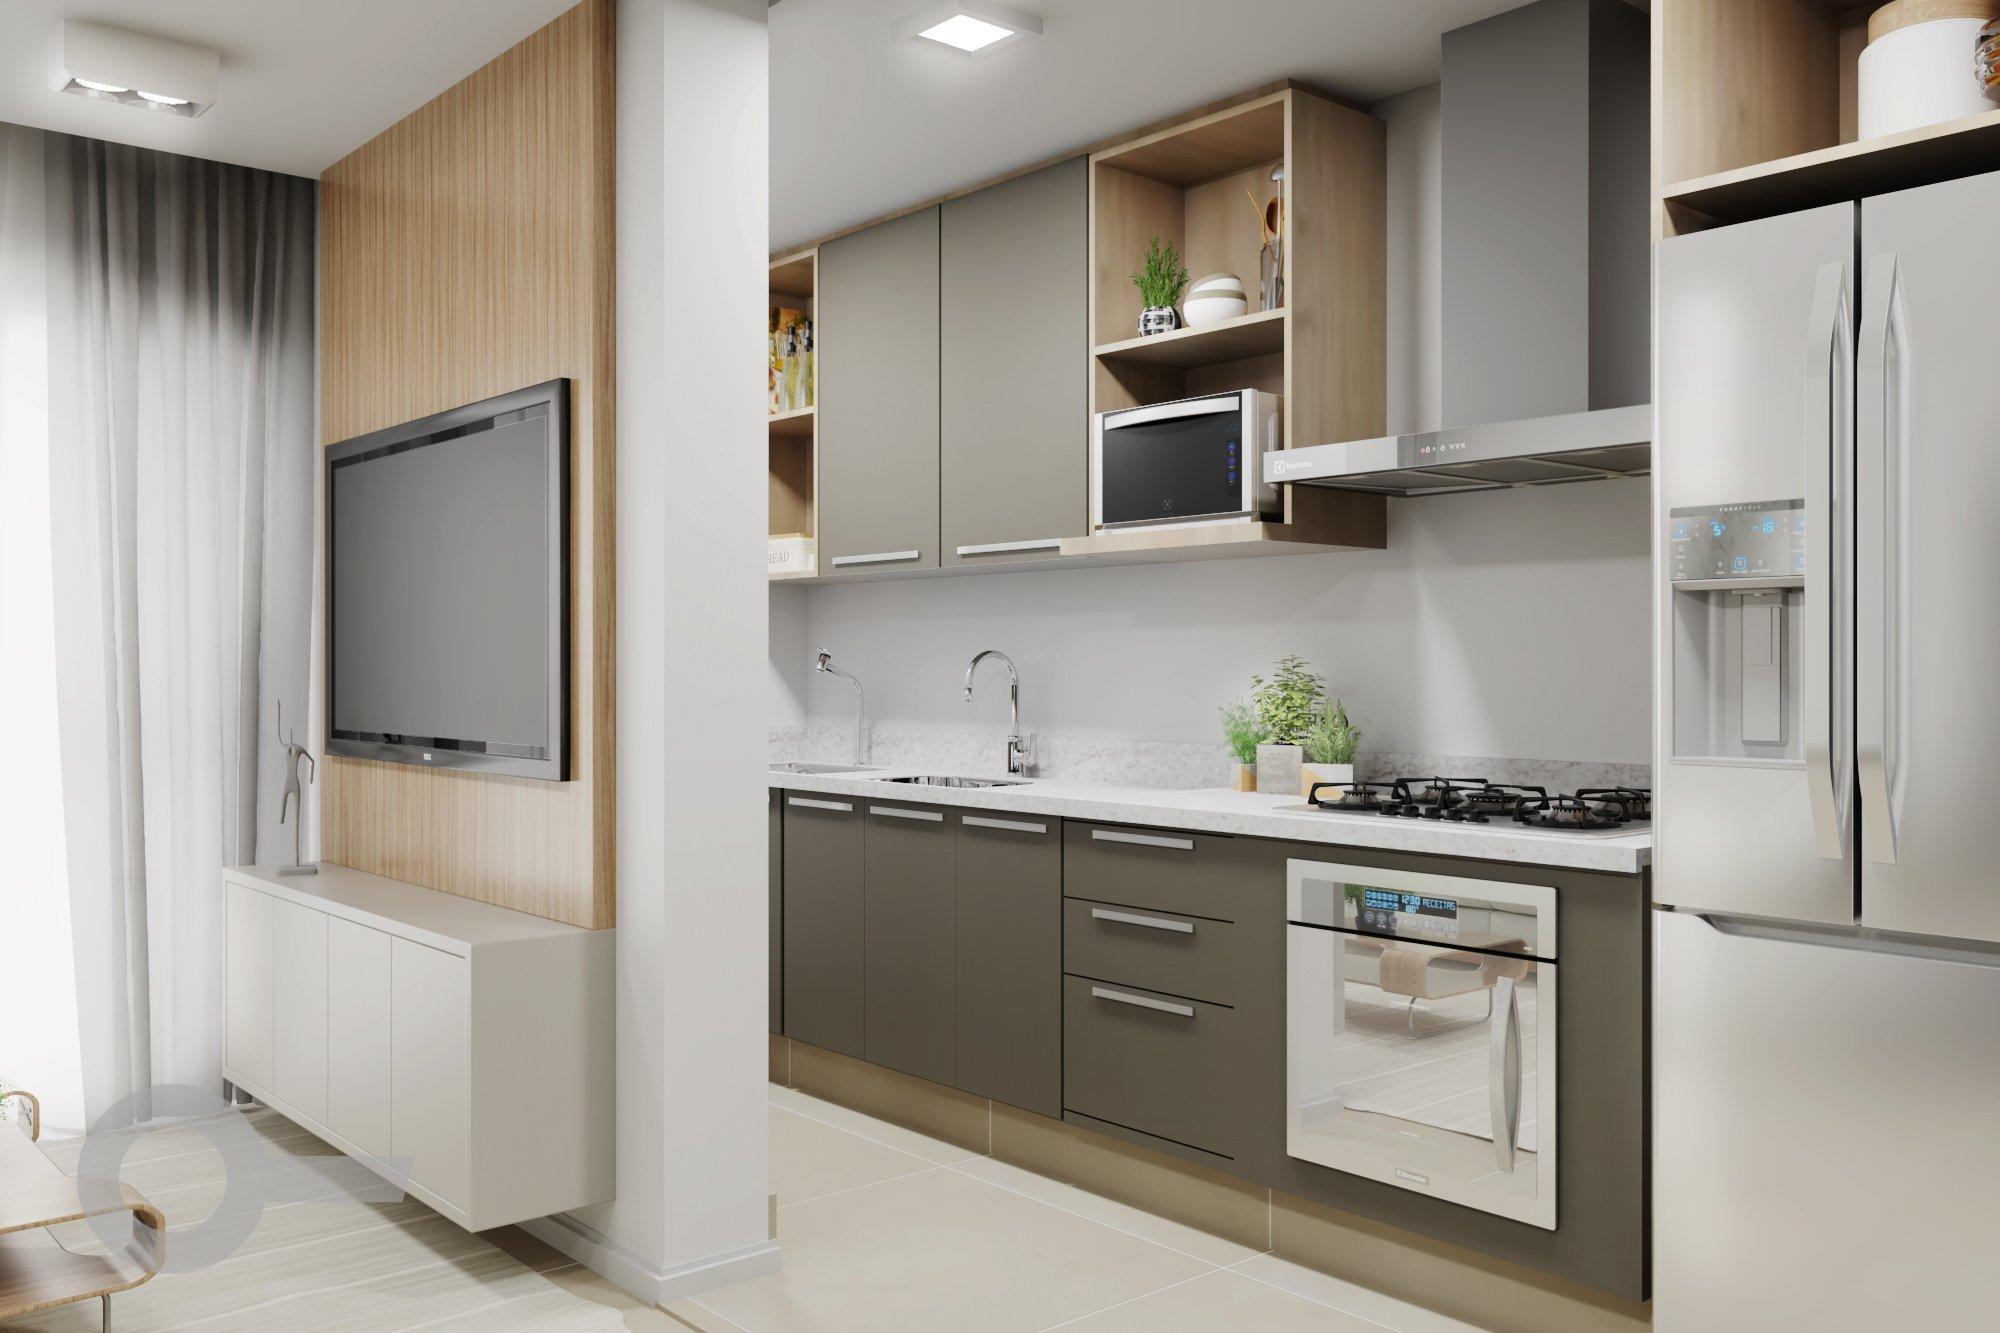 Foto de Cozinha com vaso de planta, geladeira, televisão